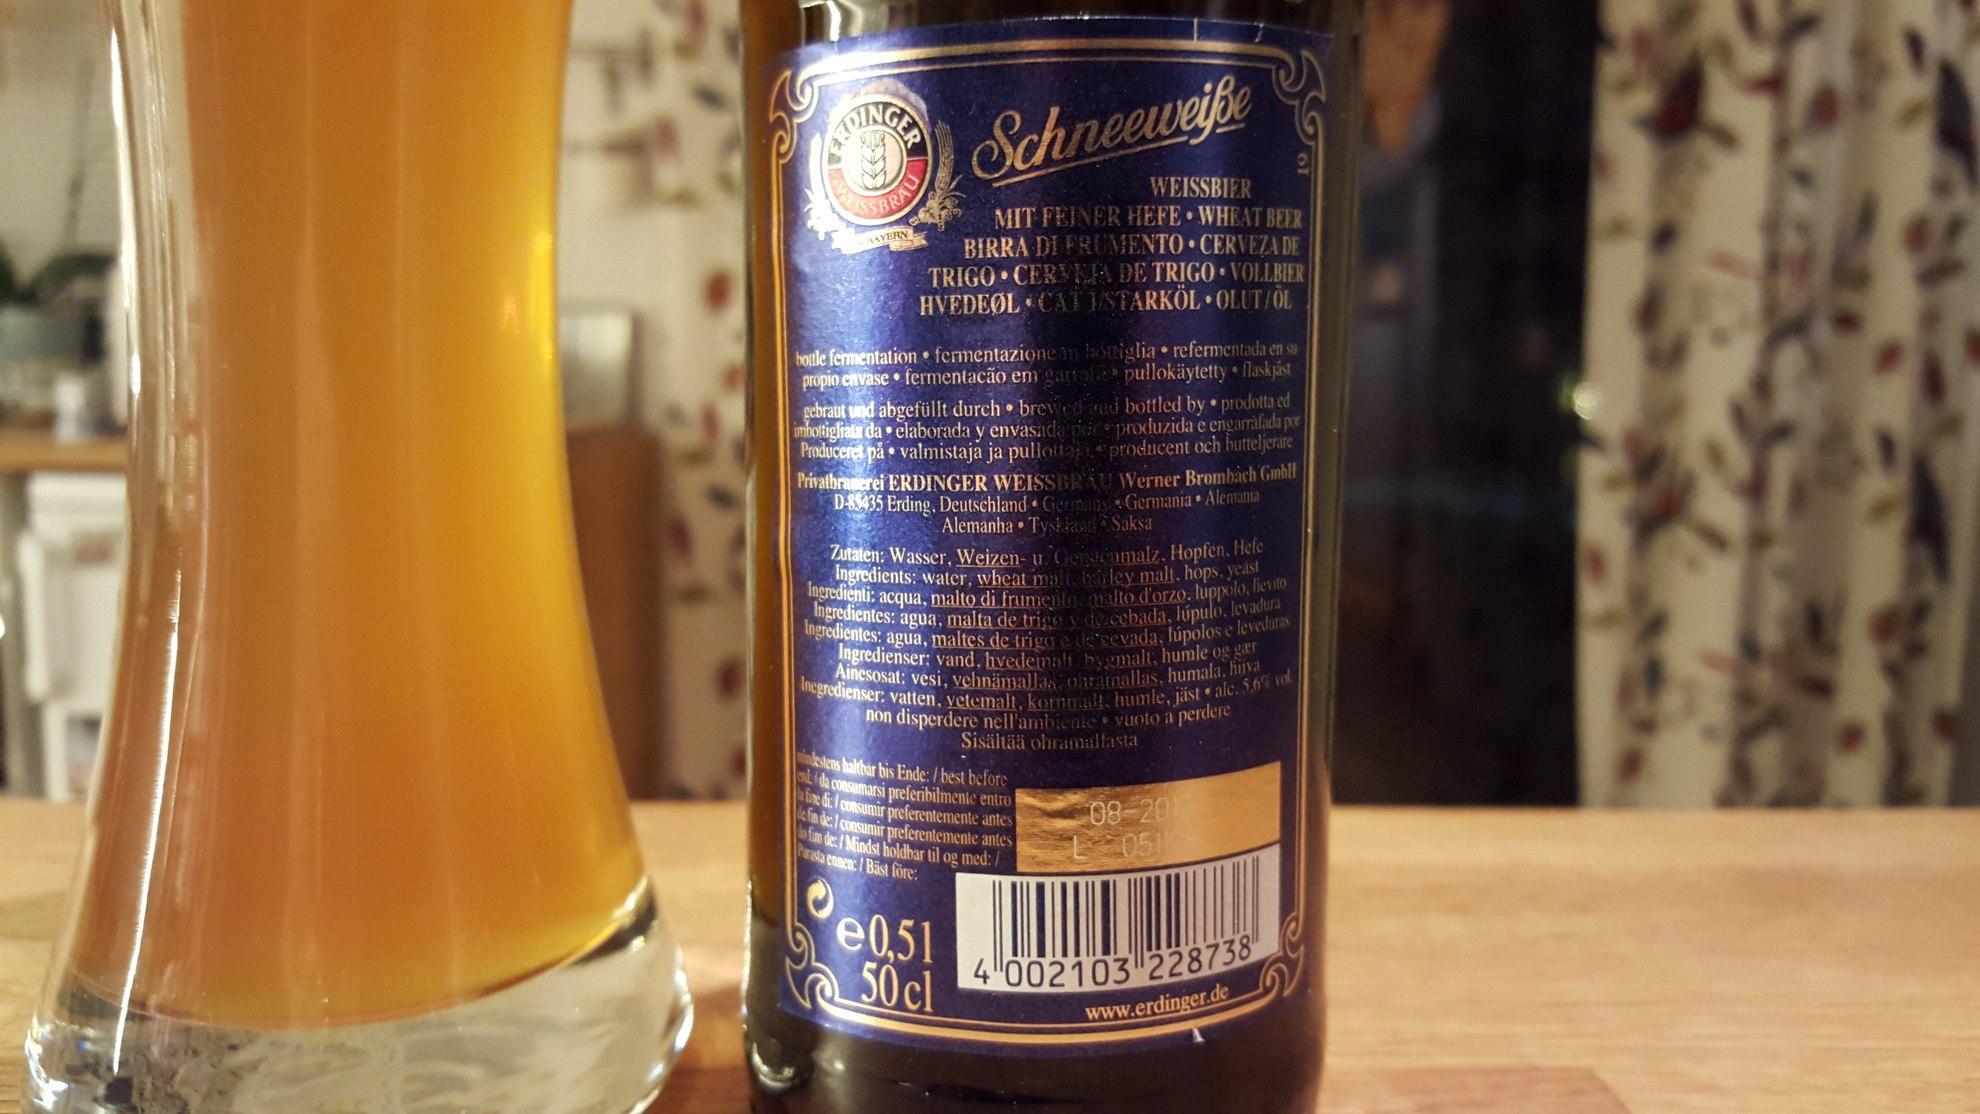 Grown-up Travel Guide Beer Diary - Day 355/Beer Advent Calendar Day 21: Schneeweisse from Erdinger Weissbrau of Erding, Germay